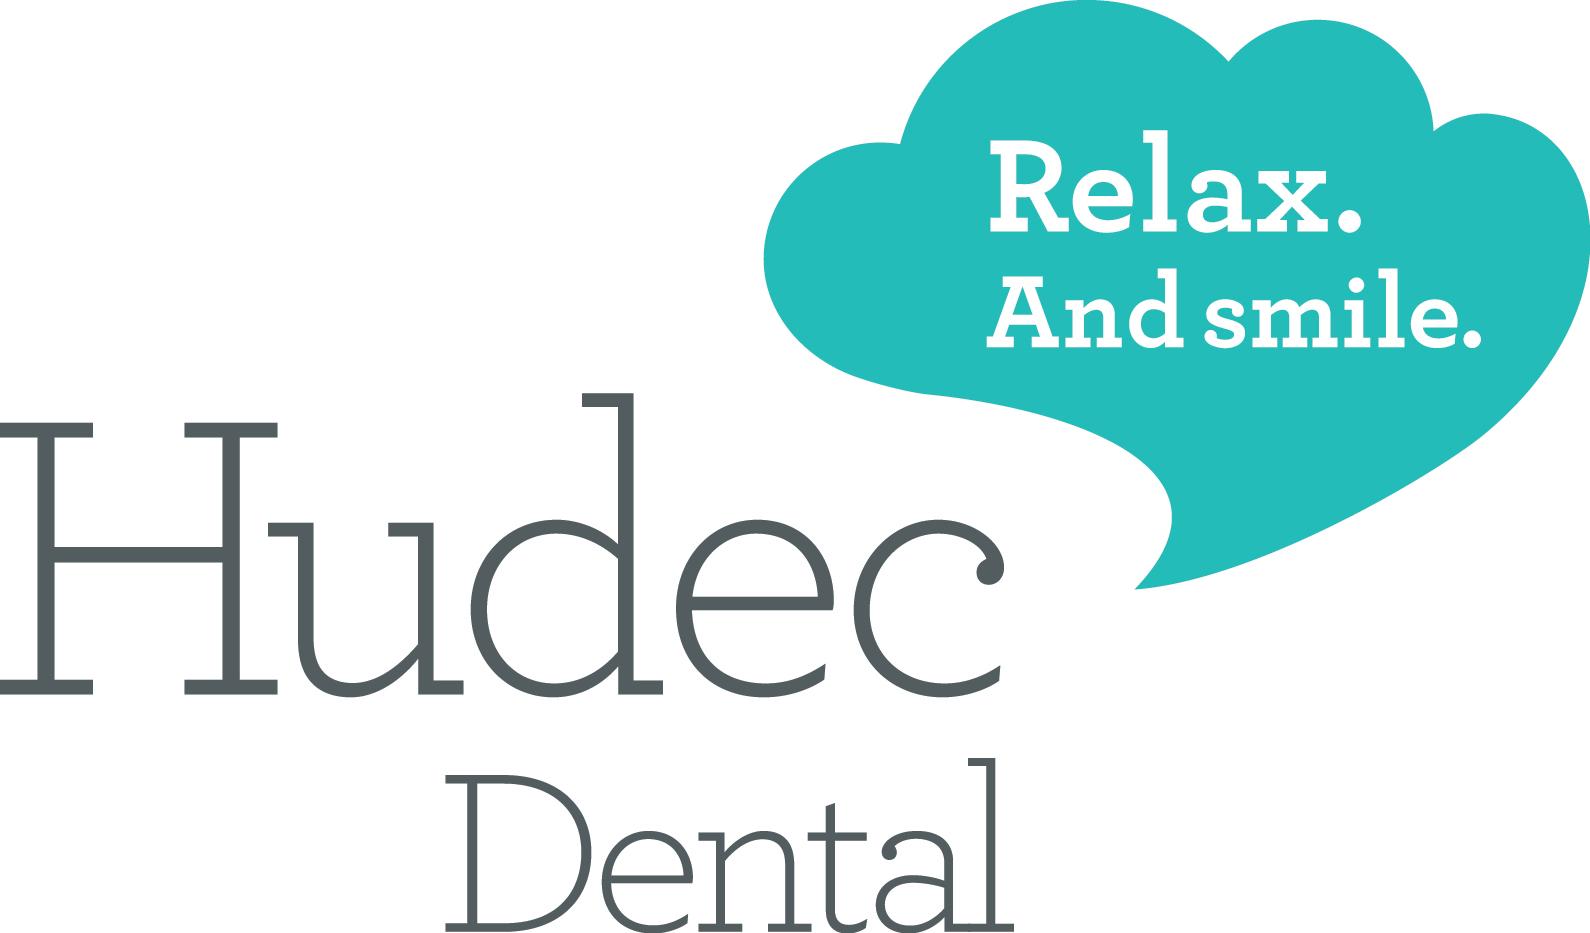 Hudec Dental